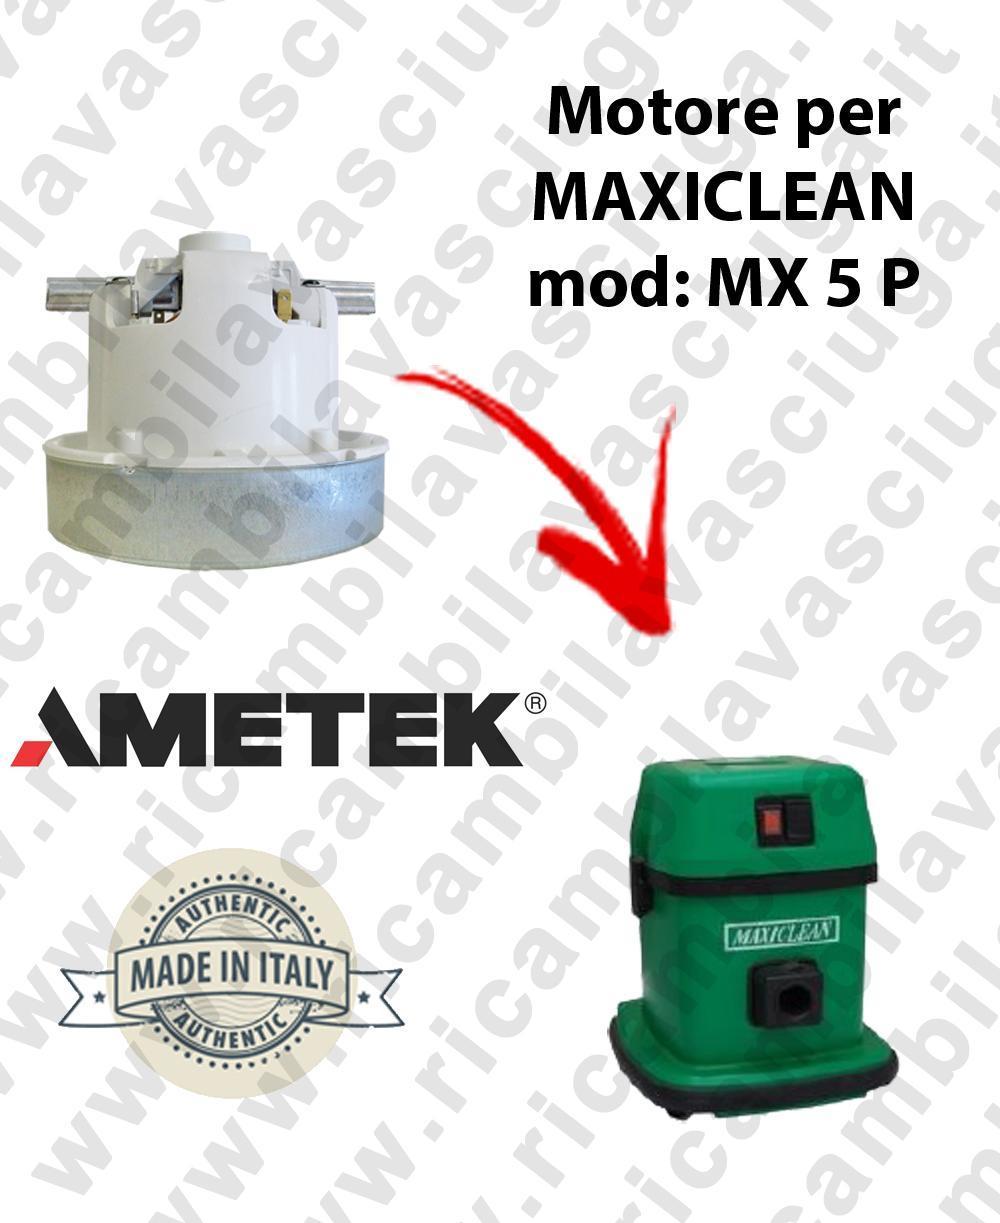 MX 5 P Motore de aspiración AMETEK para aspiradora MAXICLEAN